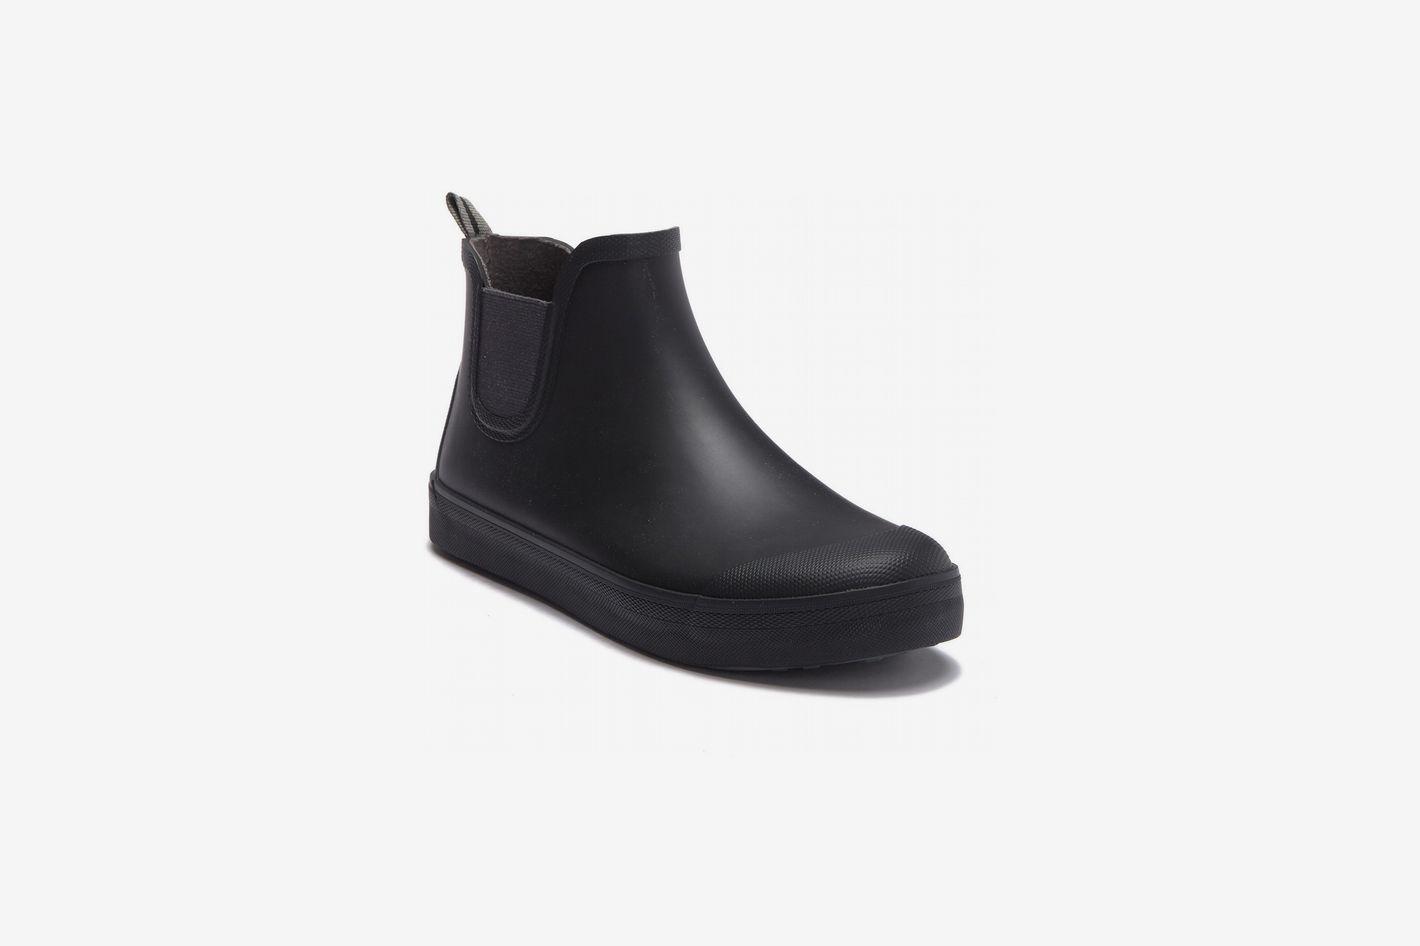 Tretorn Gabe Chelsea Men's Sneaker Boot